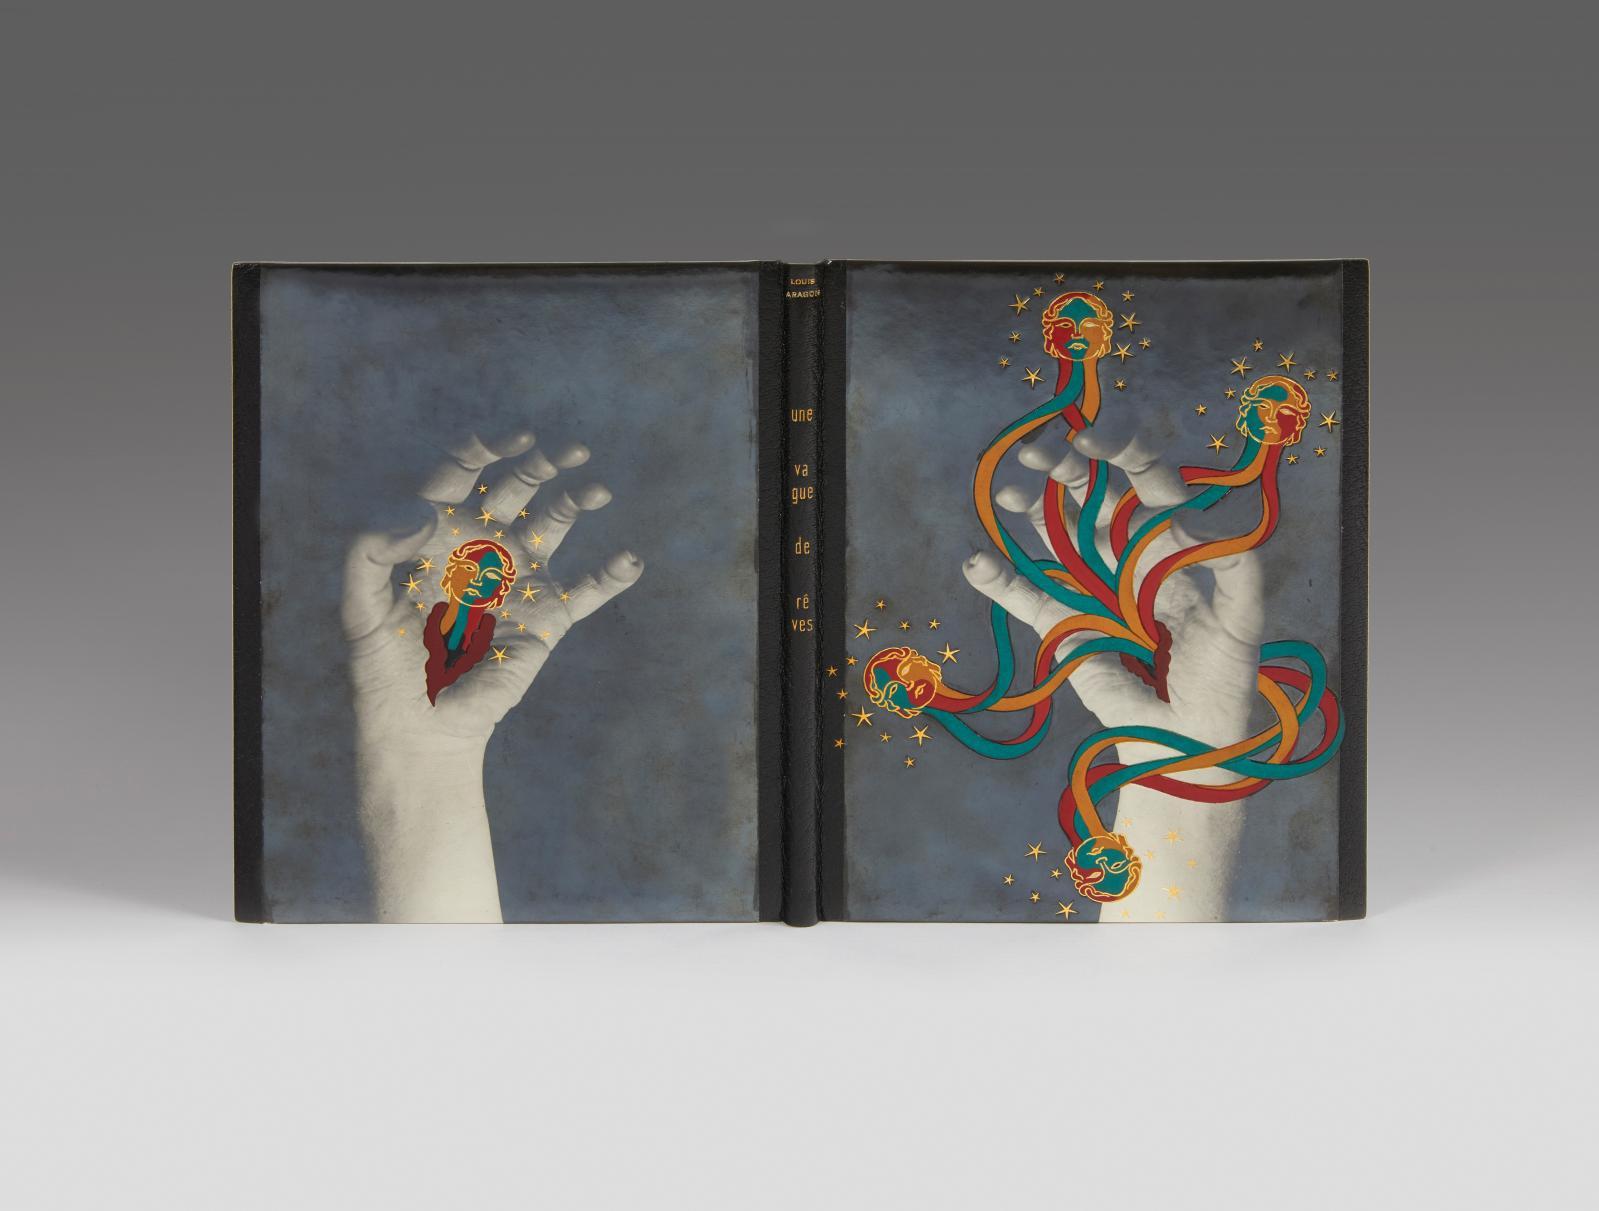 Louis Aragon(1897-1982), Une vague de rêves, 1924, exemplaire de l'édition originale du tiré à part de la revue Commerce, avec envoi auto